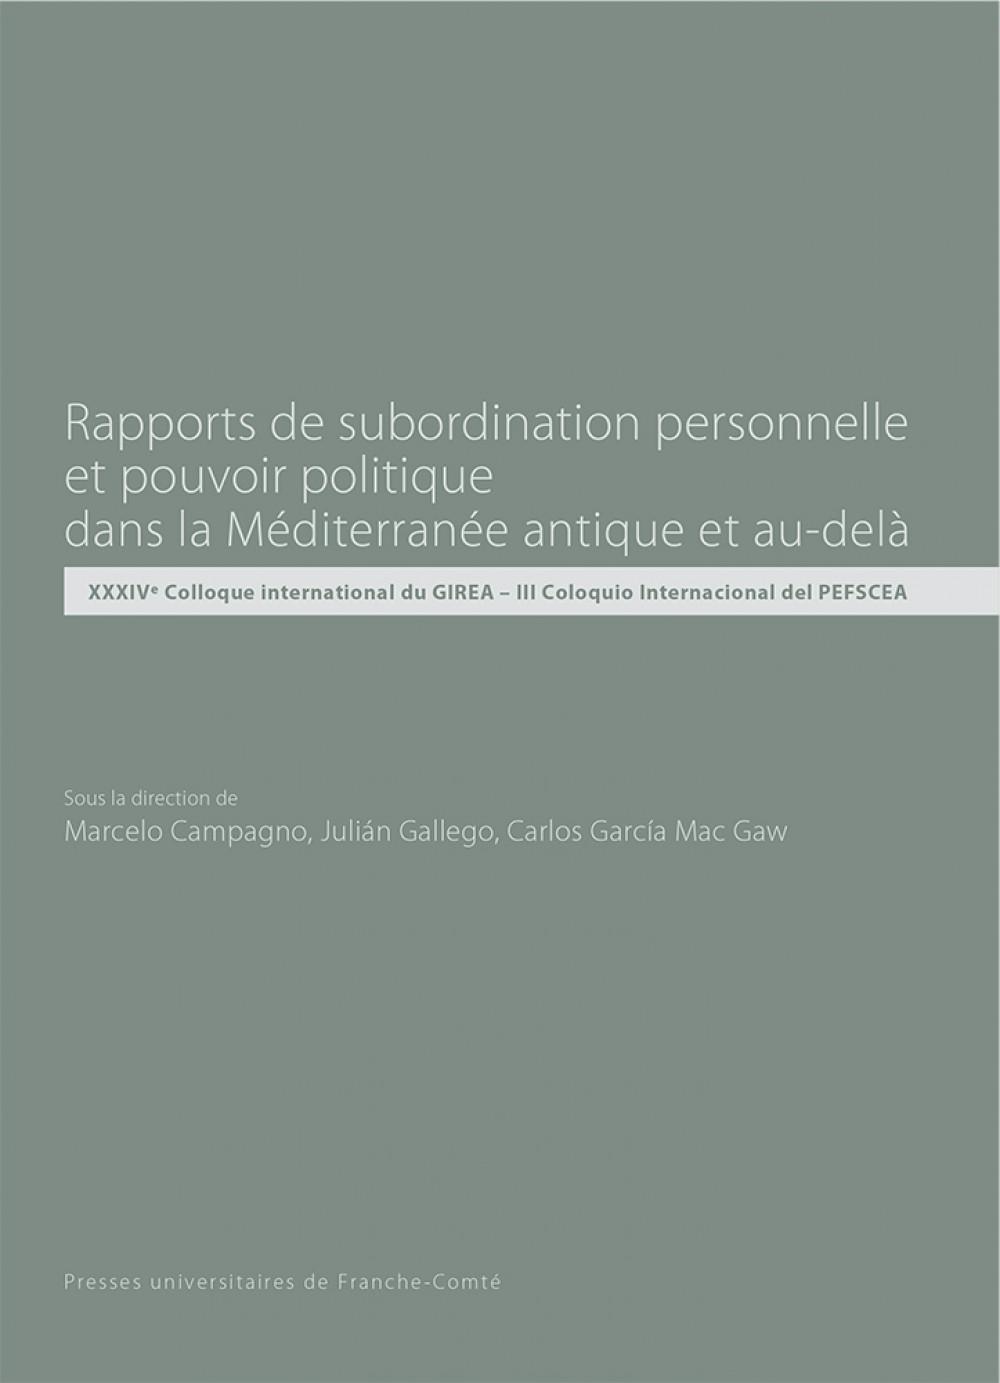 Rapports de subordination personnelle et pouvoir politique dans la Méditerranée antique et au-delà